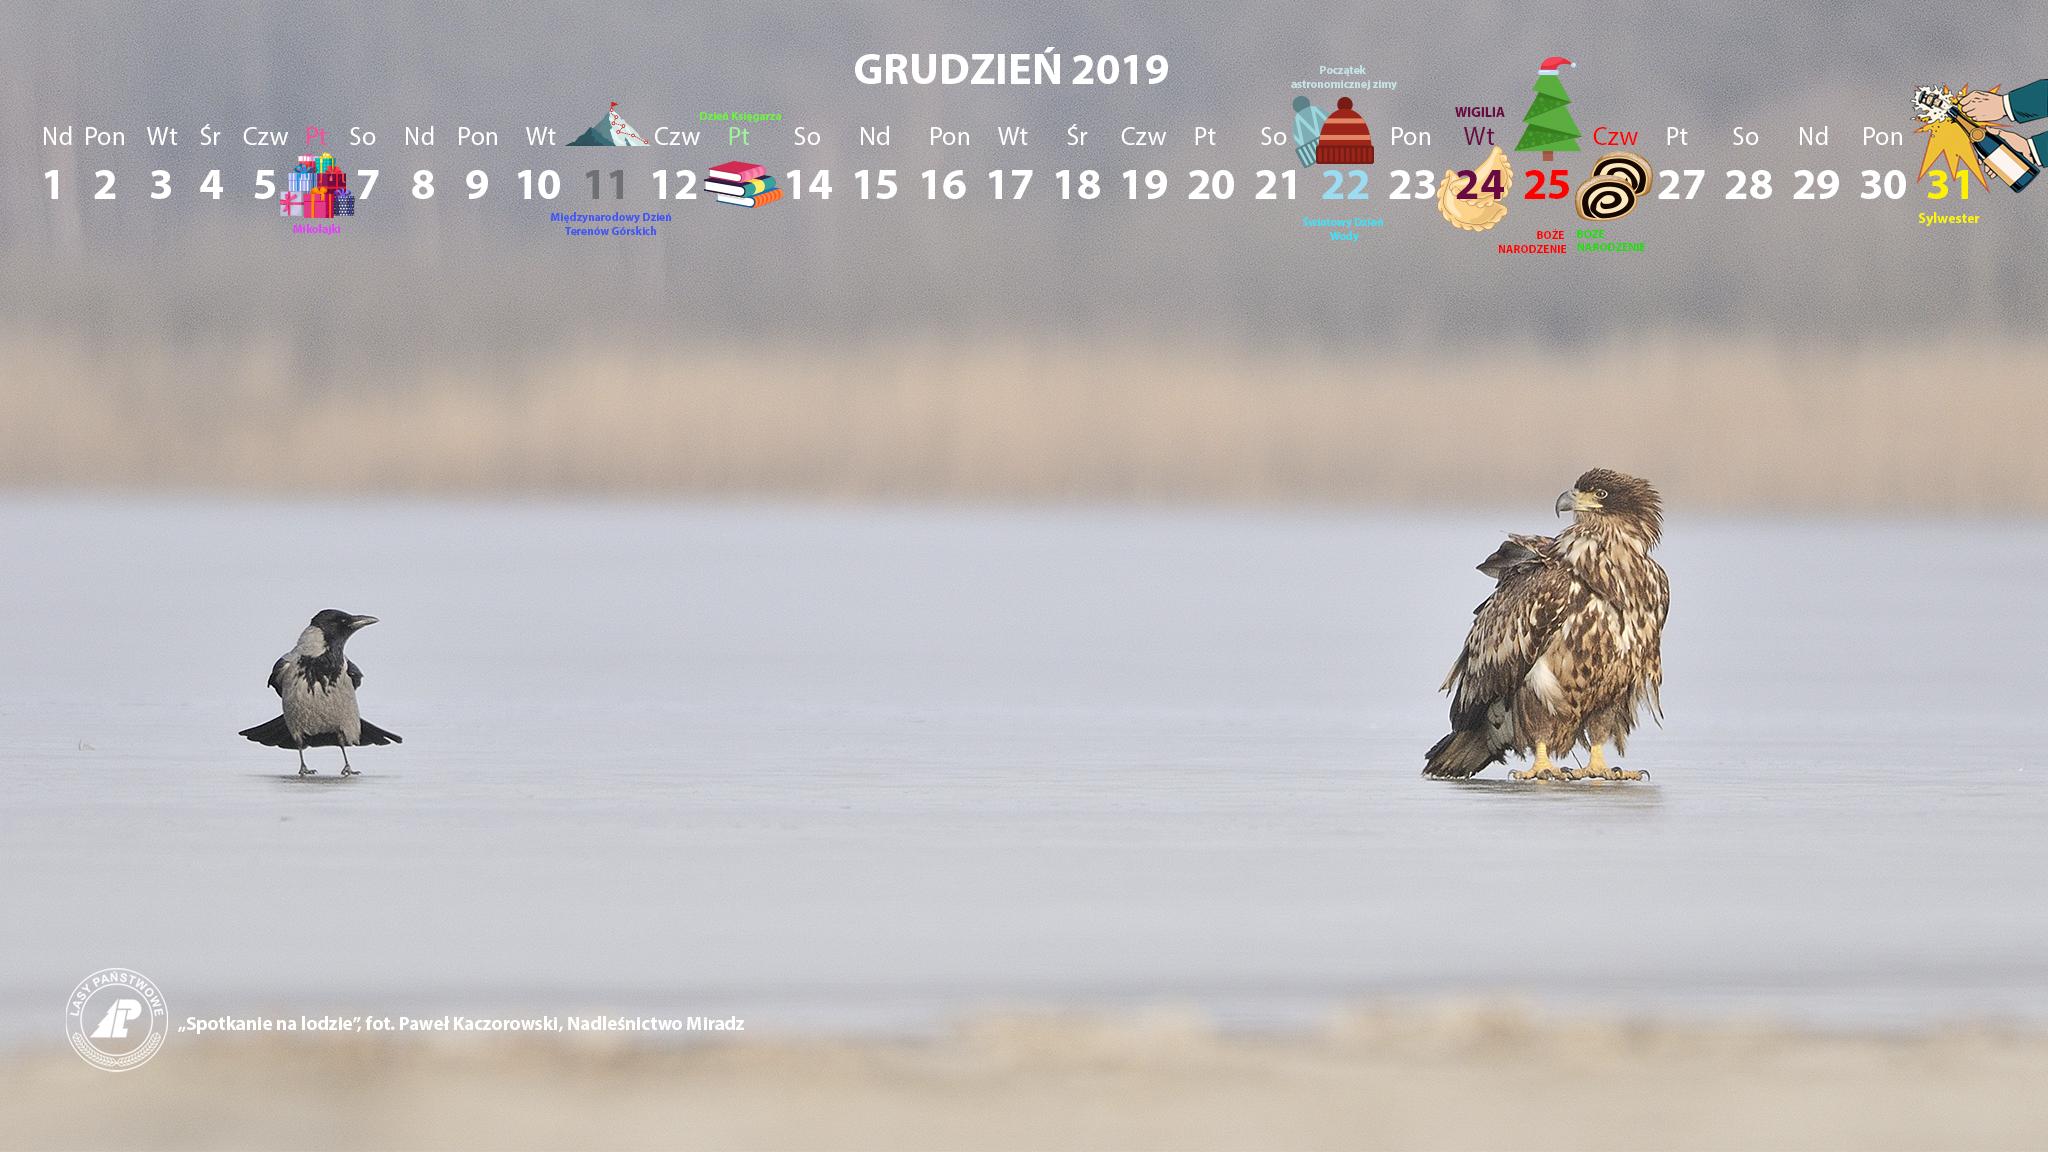 Kalendarz 12 2019 2048x1152.jpg